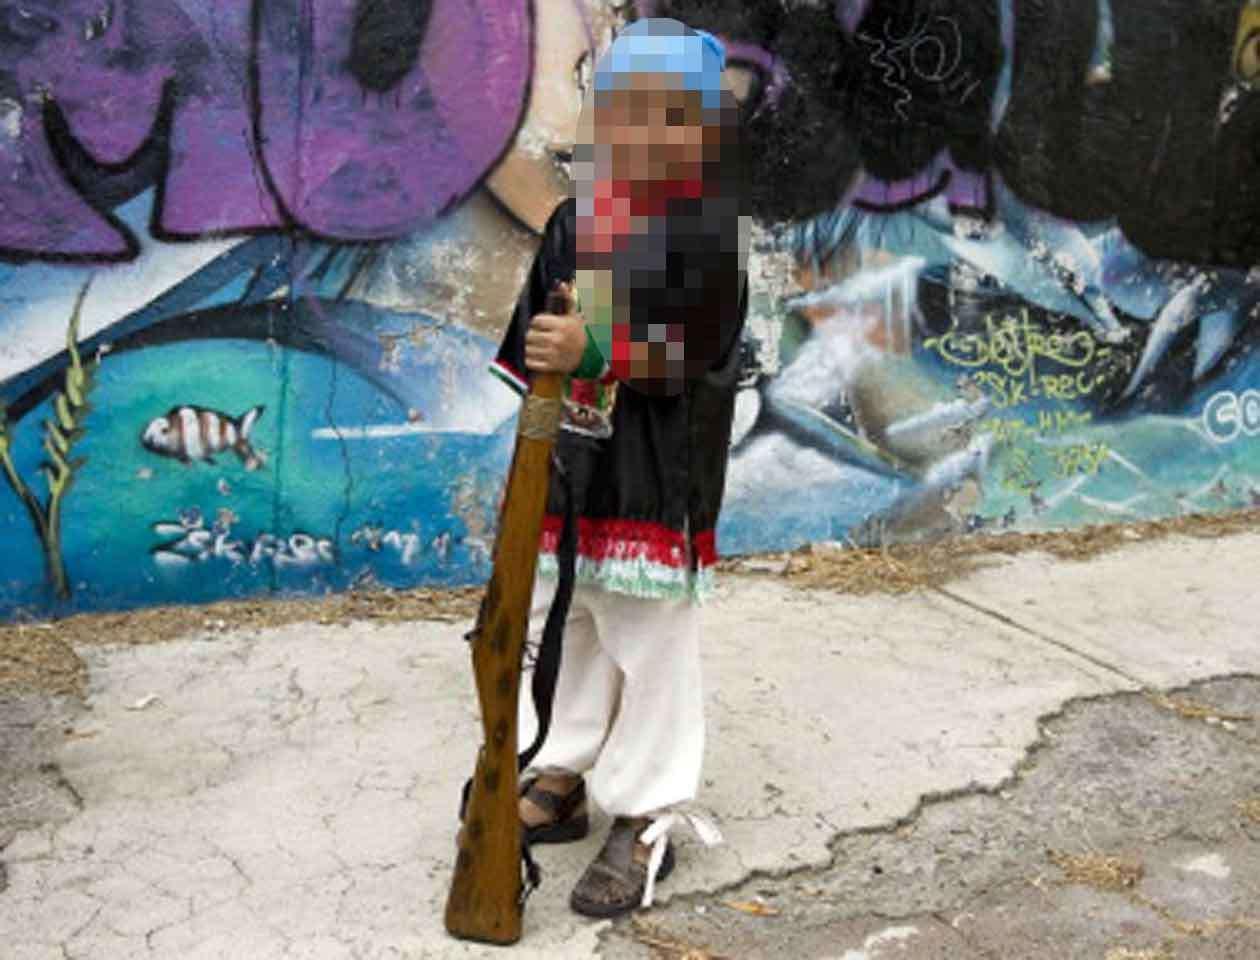 En Bolivia es habitual que los campesinos indígenas posean armas de distinto tipo, sin ningún tipo de control. Foto: Getty Images/Archivo